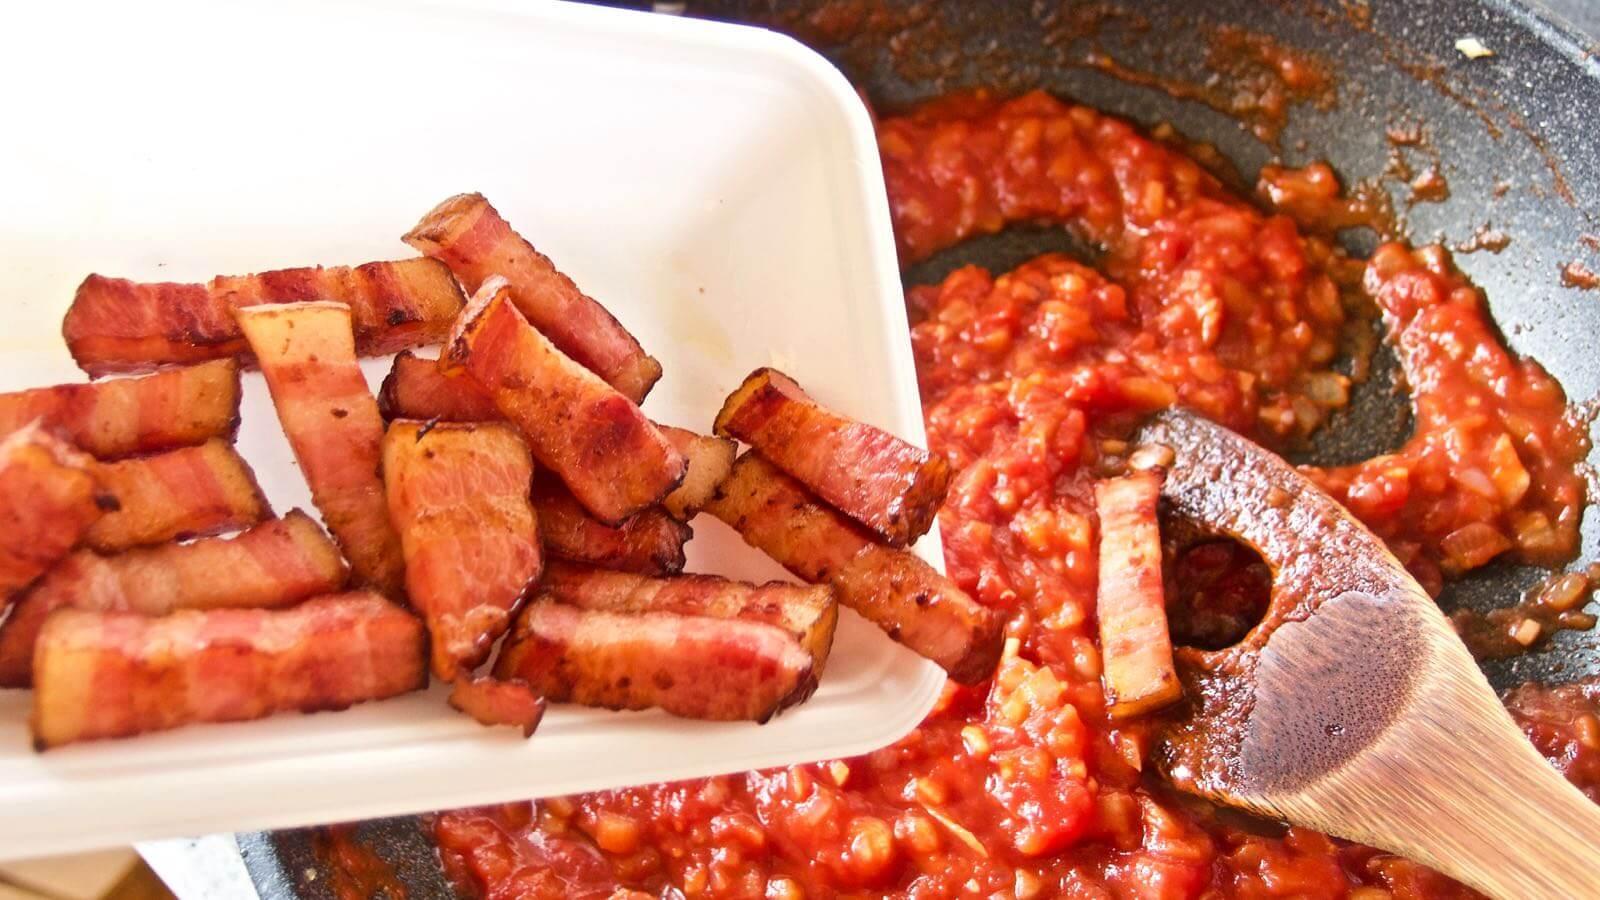 0003 Excellent tomato pasta recipe 18